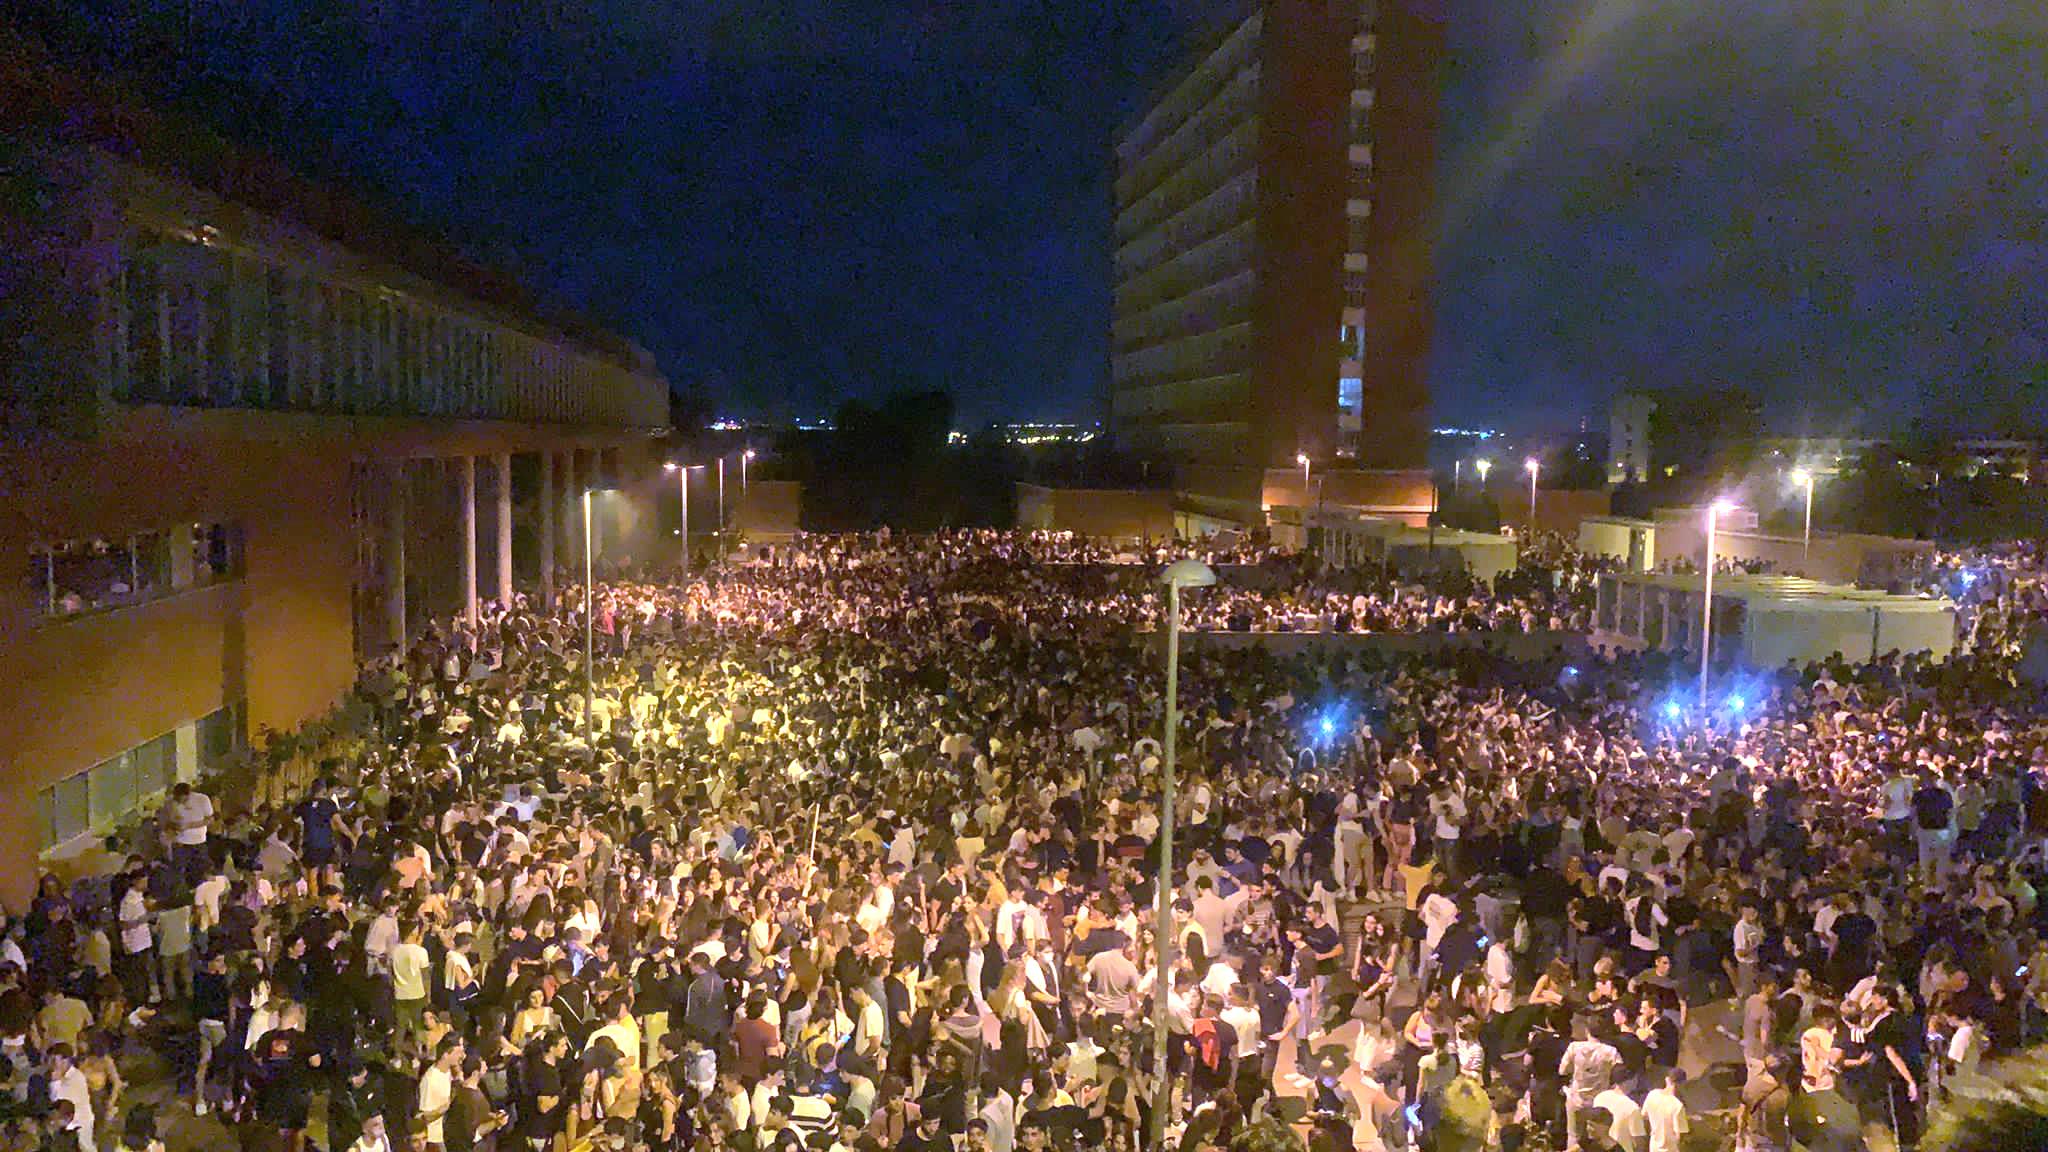 Un macrobotellón de 25.000 personas en la Ciudad Universitaria de Madrid para celebrar el inicio de curso